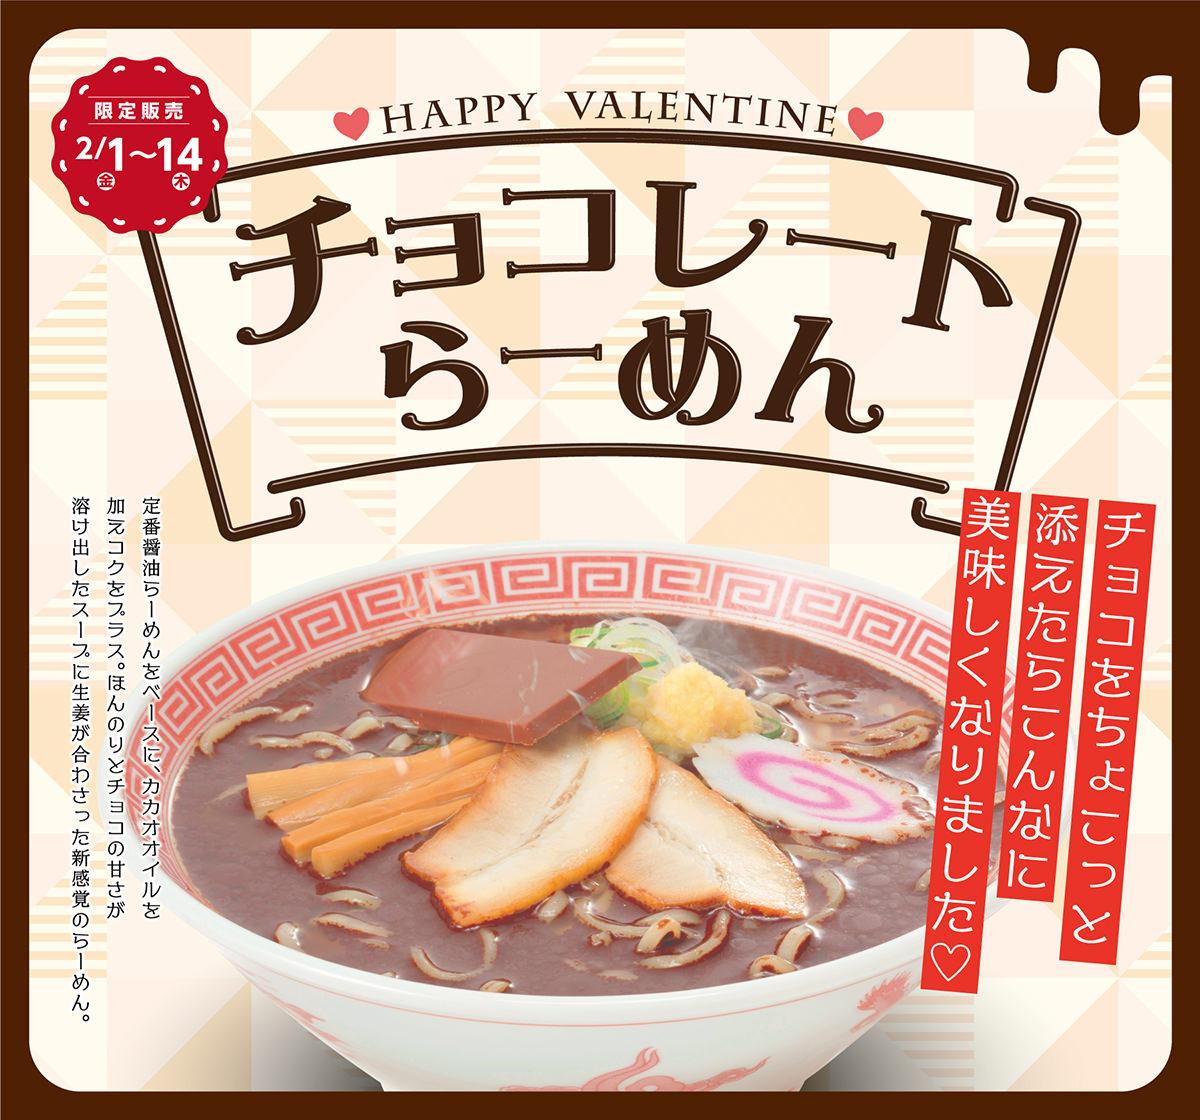 幸楽苑『チョコレートらーめん』